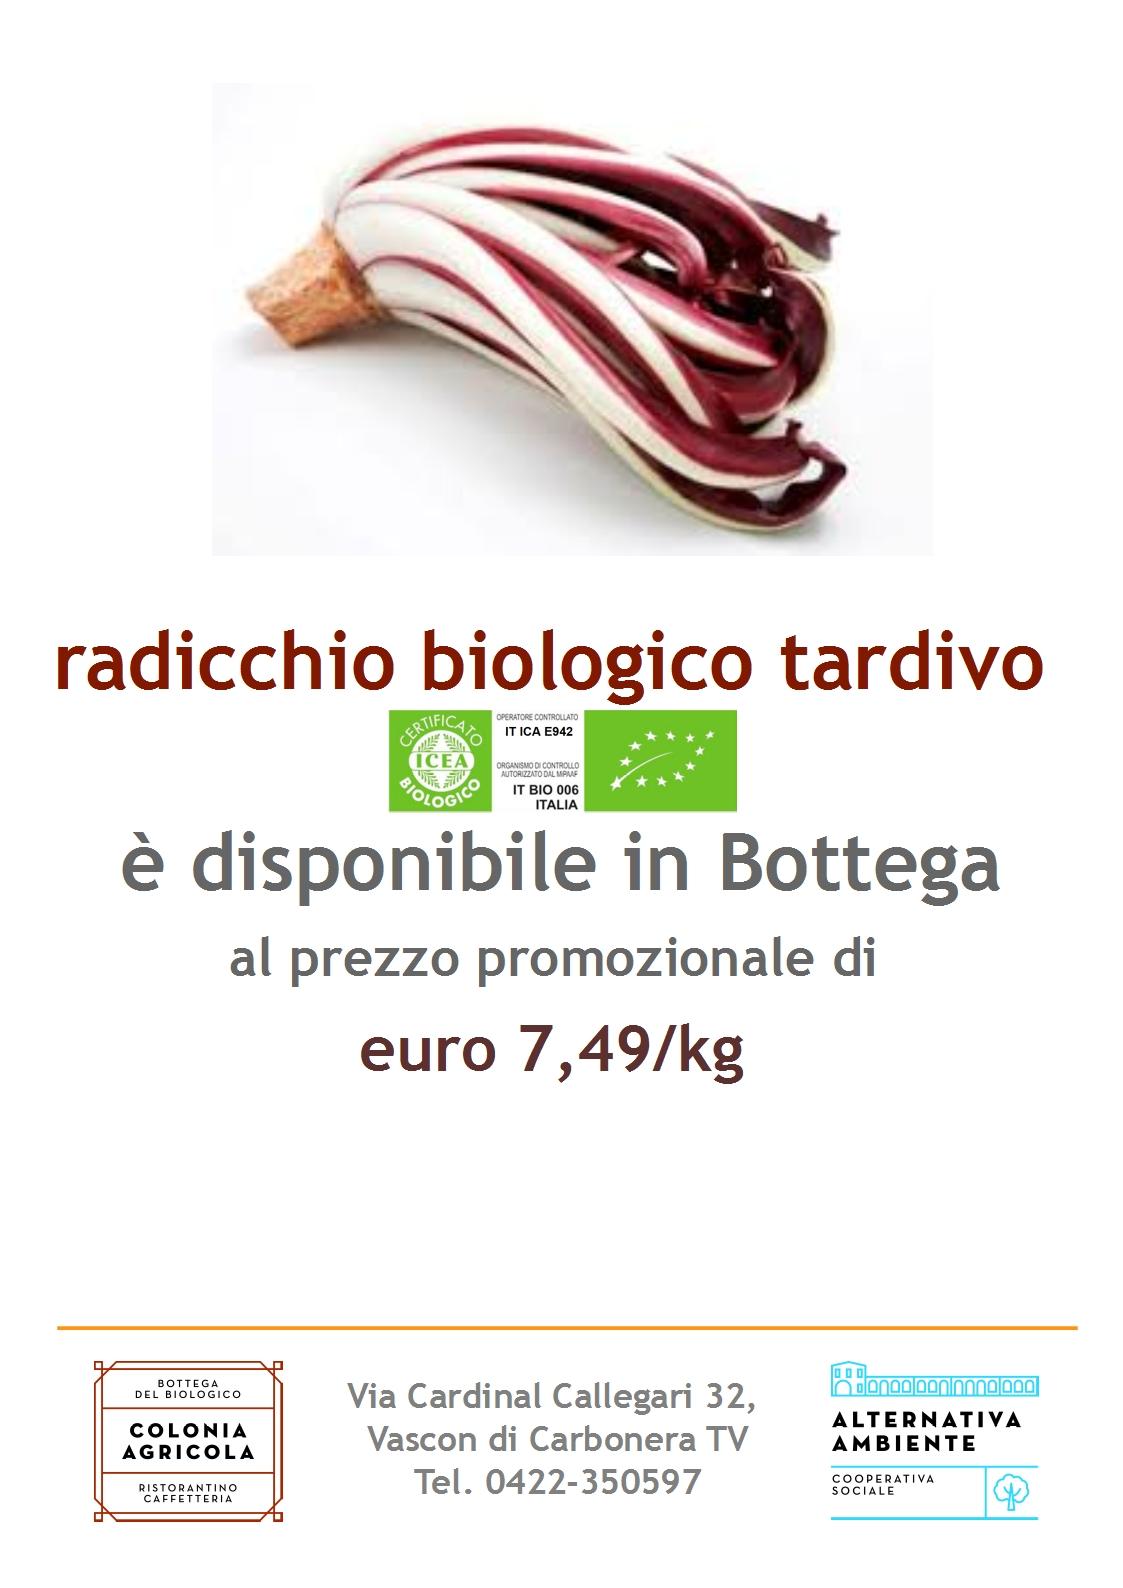 PromoRadicchio_01